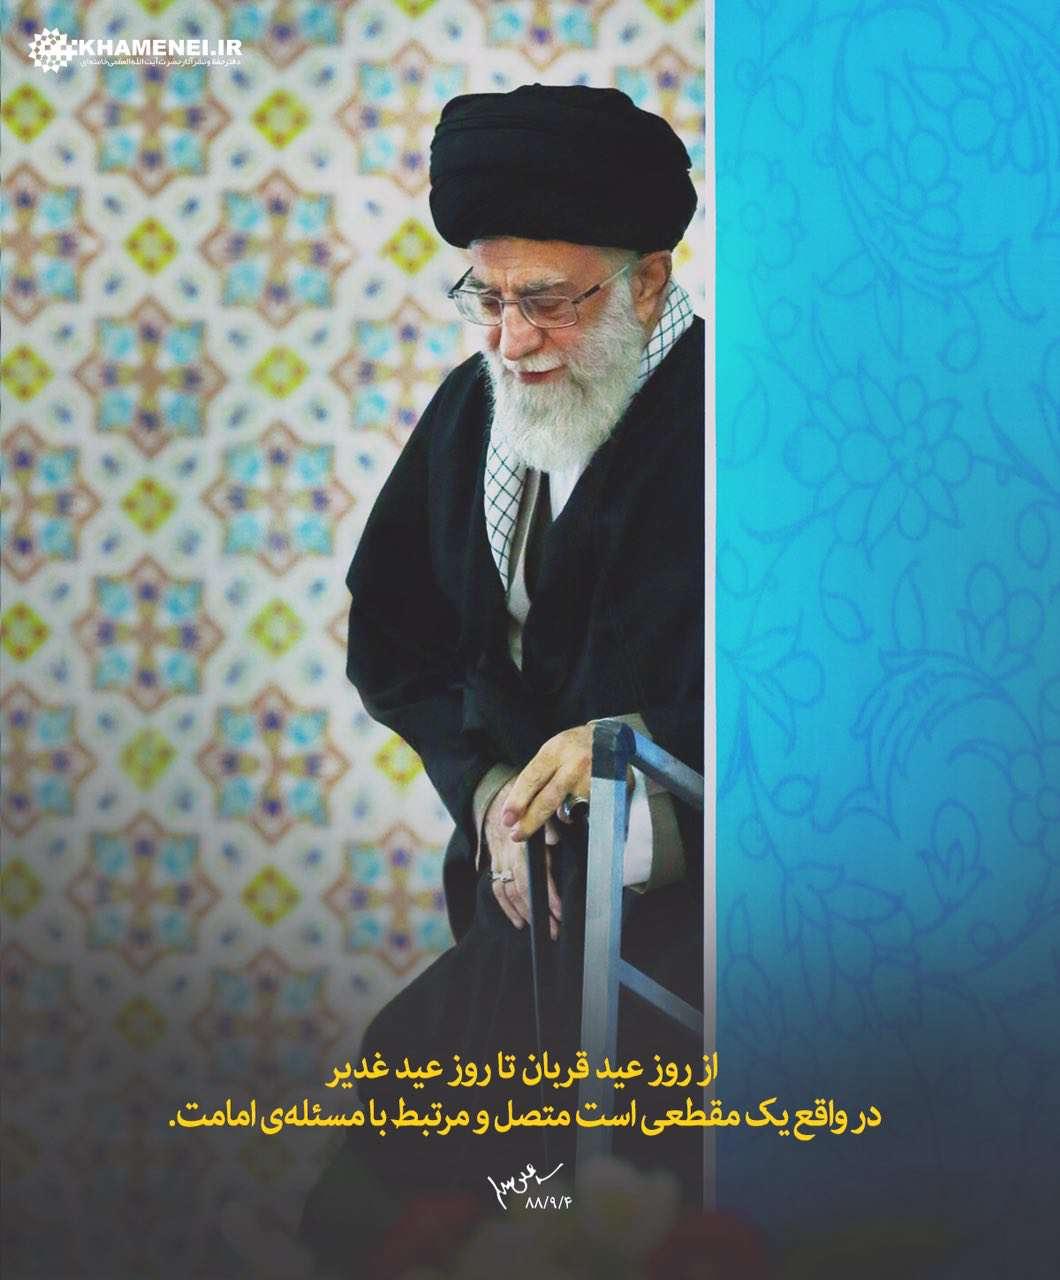 رهبر انقلاب: از روز عید قربان تا روزعید غدیر، در واقع یک مقطعی است متصل و مرتبط با مسئلهی امامت